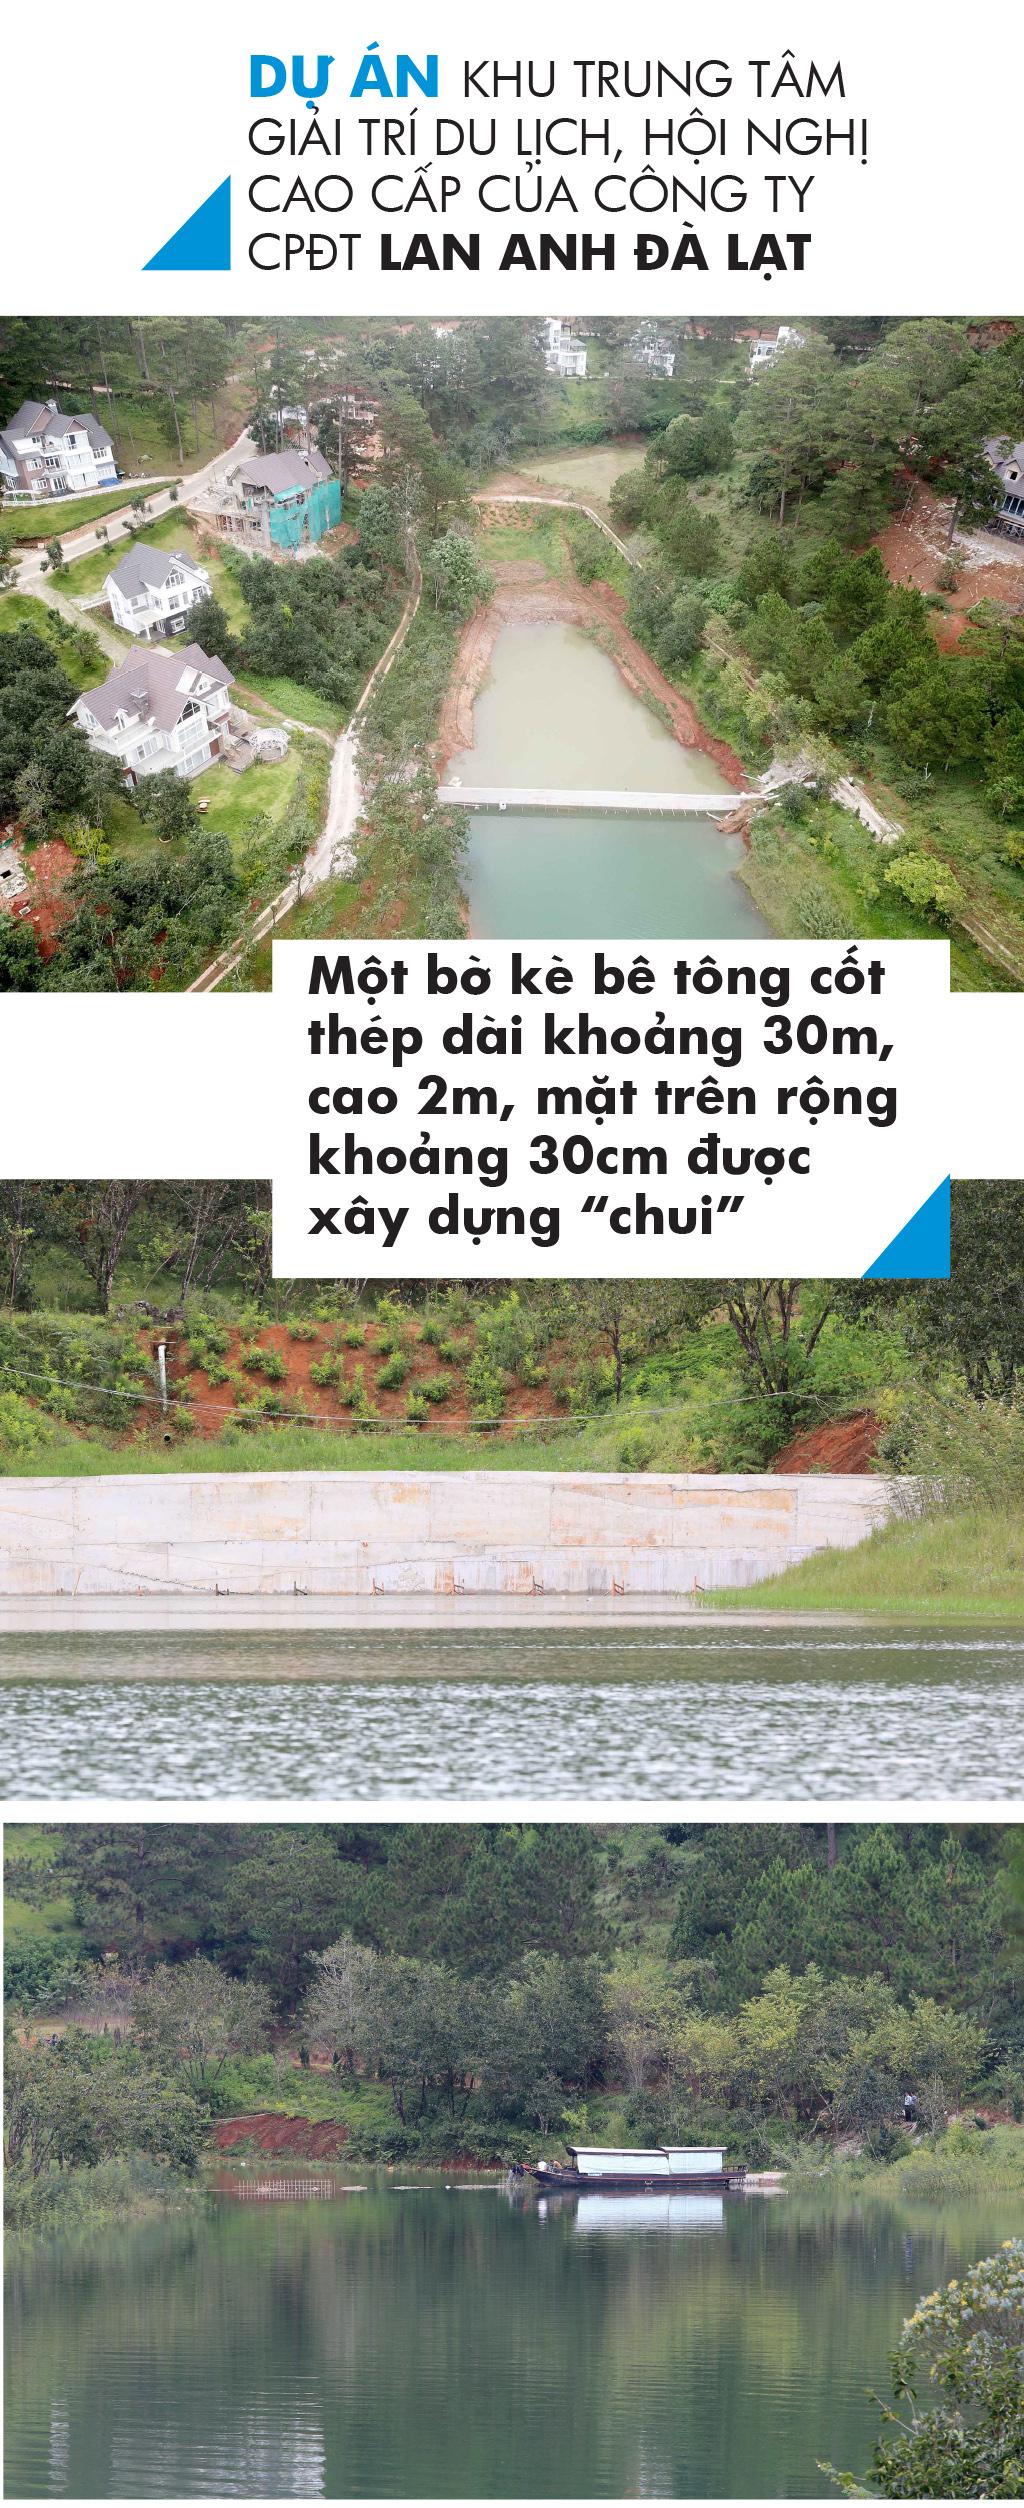 Di tích thắng cảnh quốc gia hồ Tuyền Lâm bị xâm hại như thế nào? ảnh 4